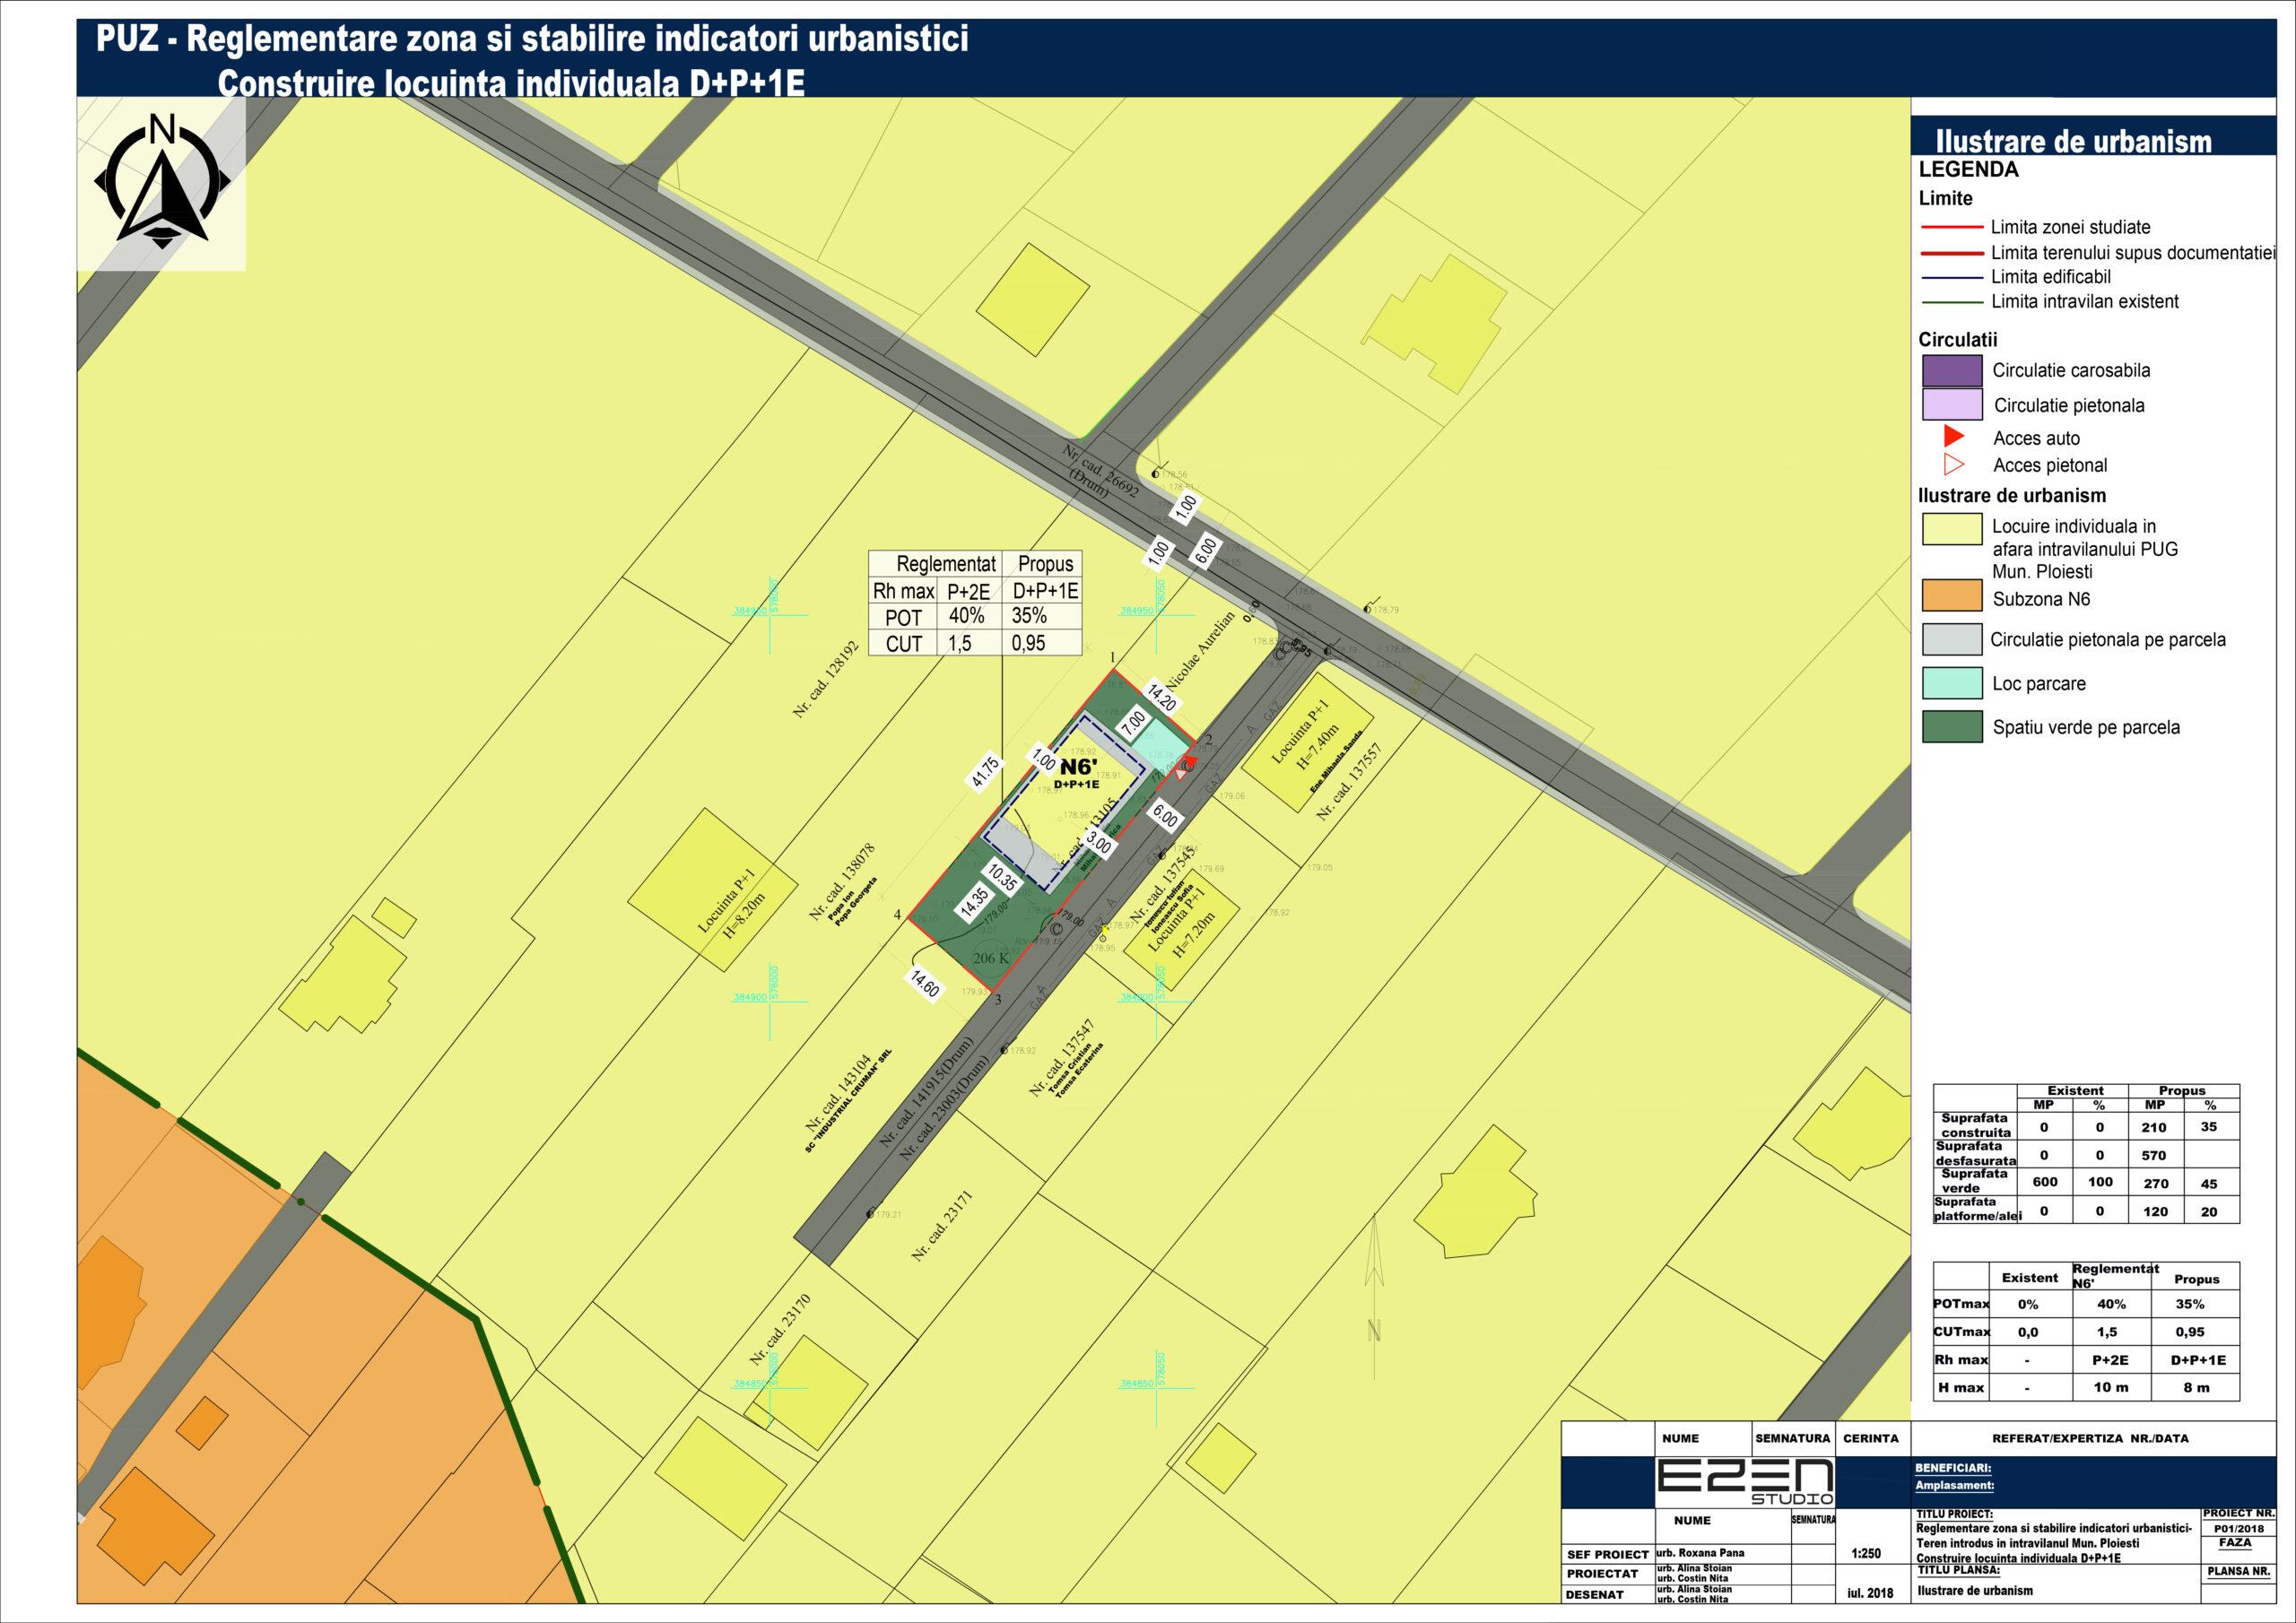 PUZ - Reglementare zonă și stabilire indicatori urbanistici - teren introdus în intravilanul Municipiului Ploiești - Construire Locuință individuală - Ilustrare de urbanism